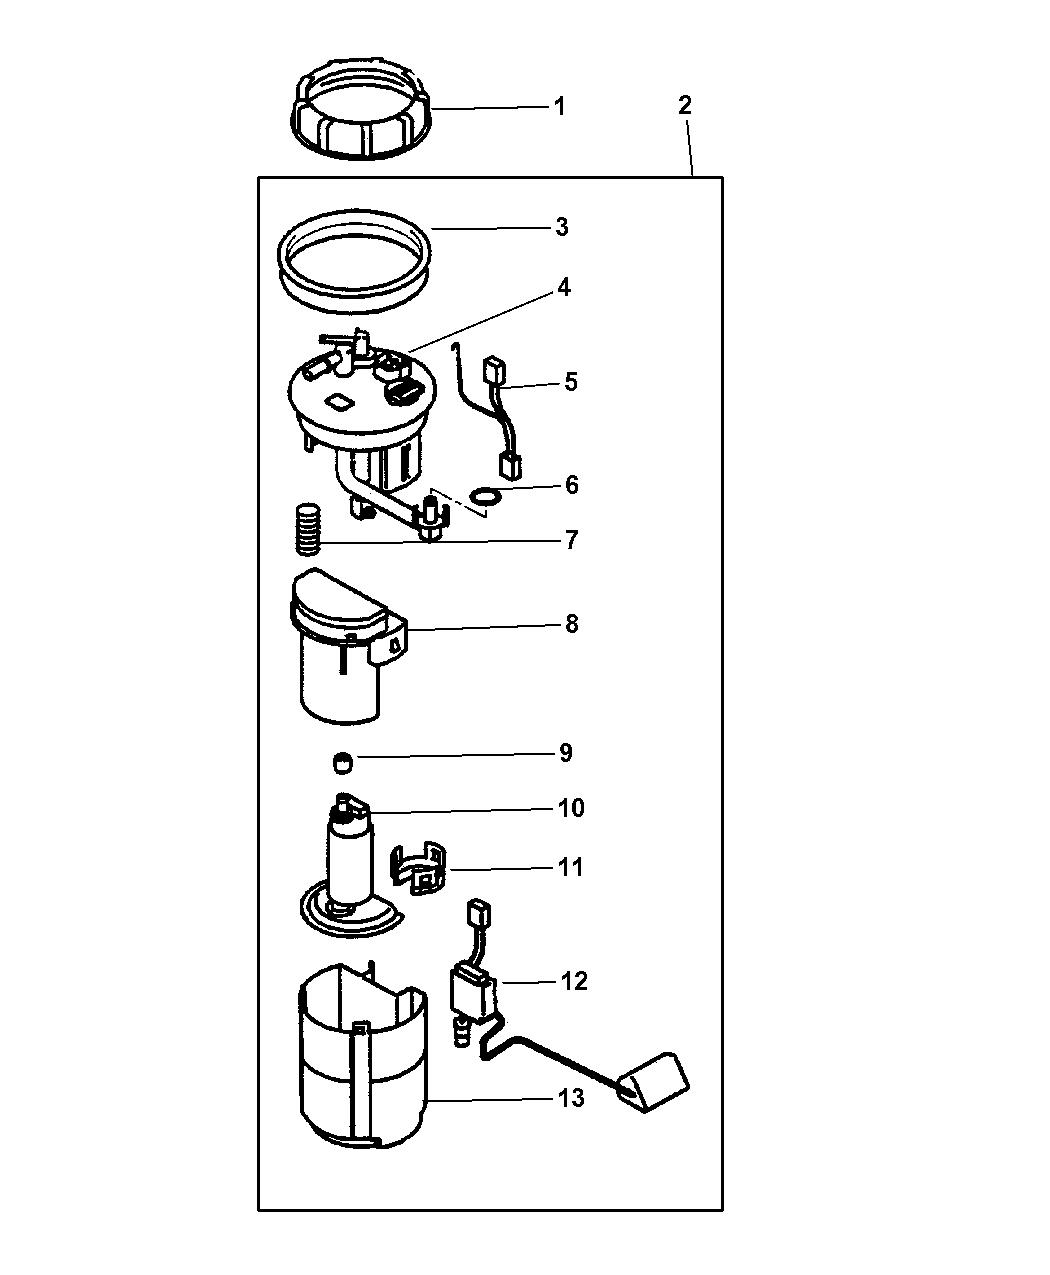 2004 dodge stratus fuel filter